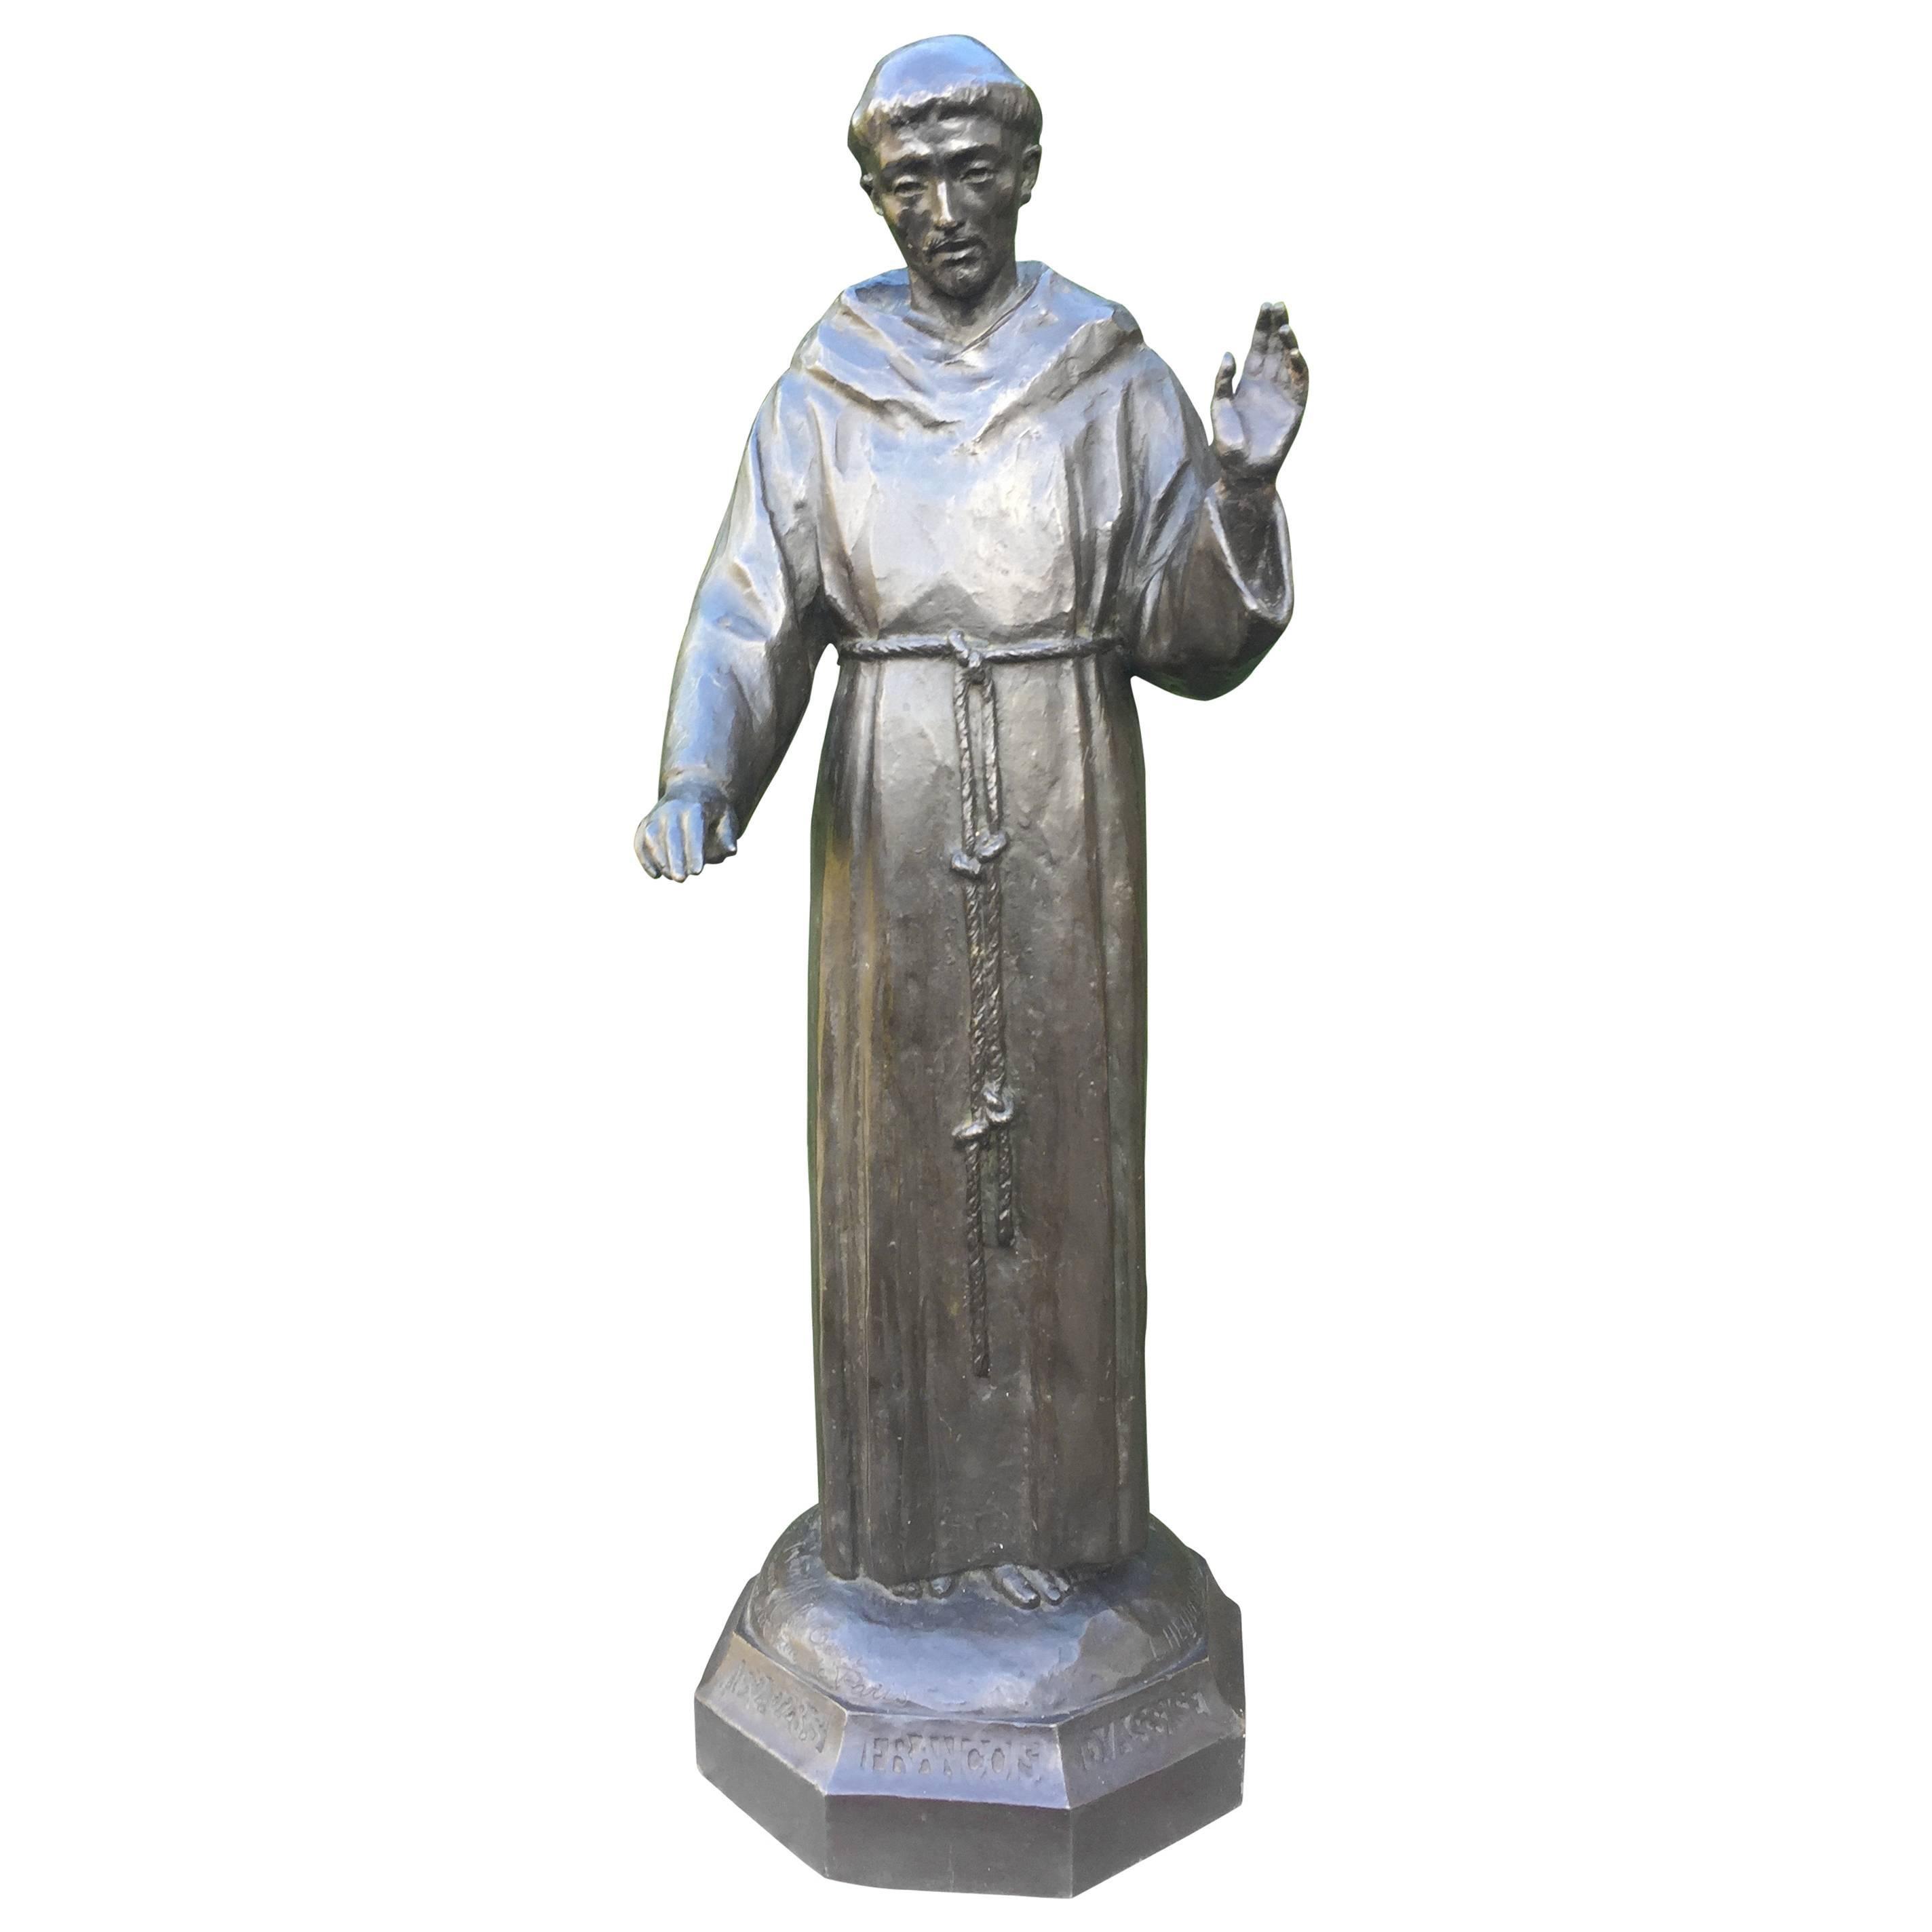 Rare Bronze Religeous Saint Sculpture Statue by France Artis Lucienne Heuvelmans